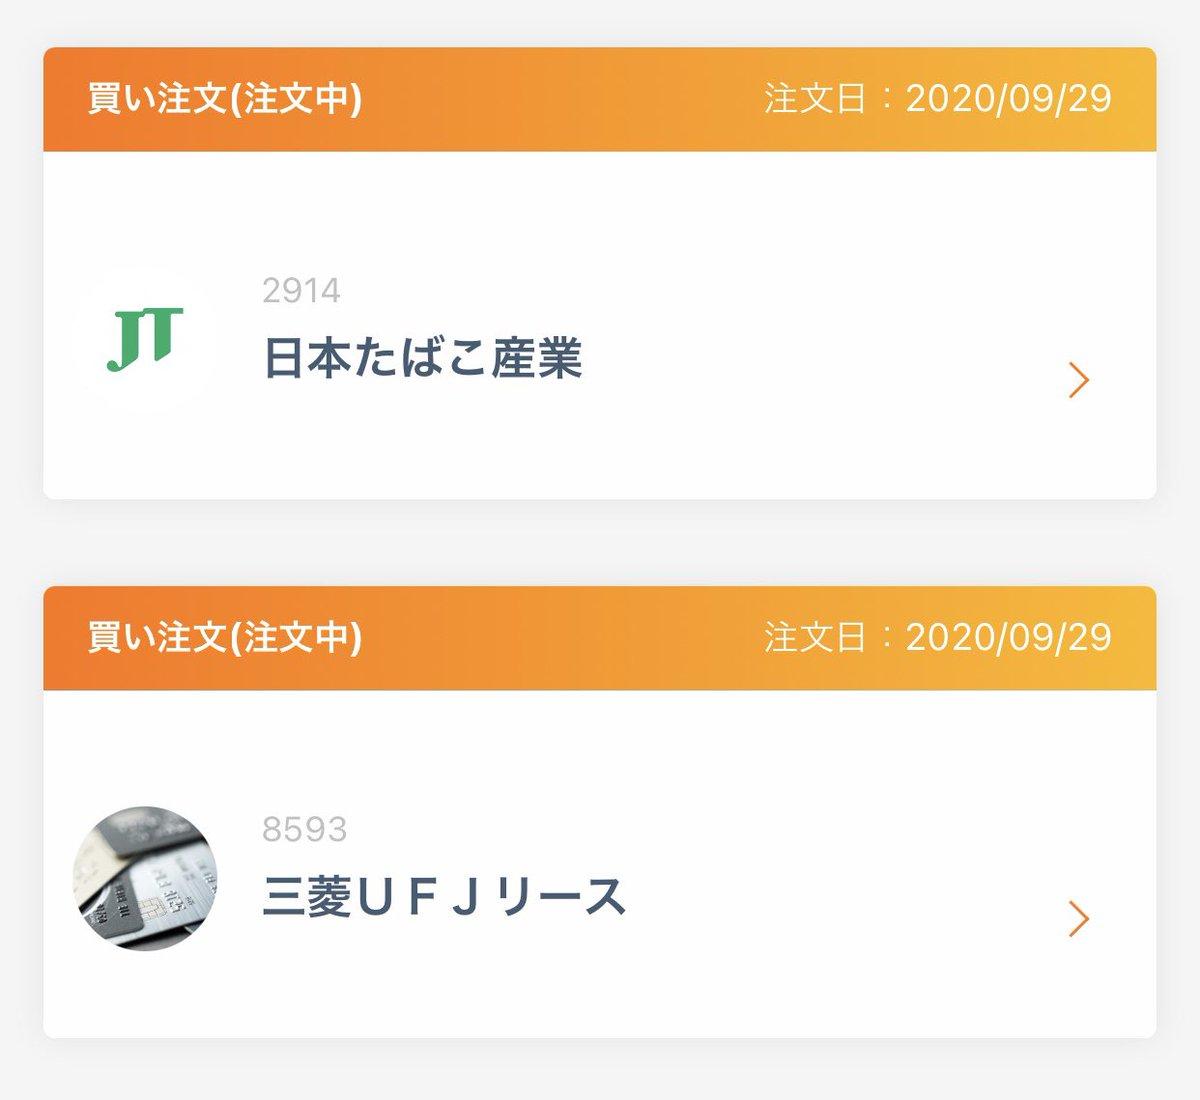 リース 三菱 株 ufj